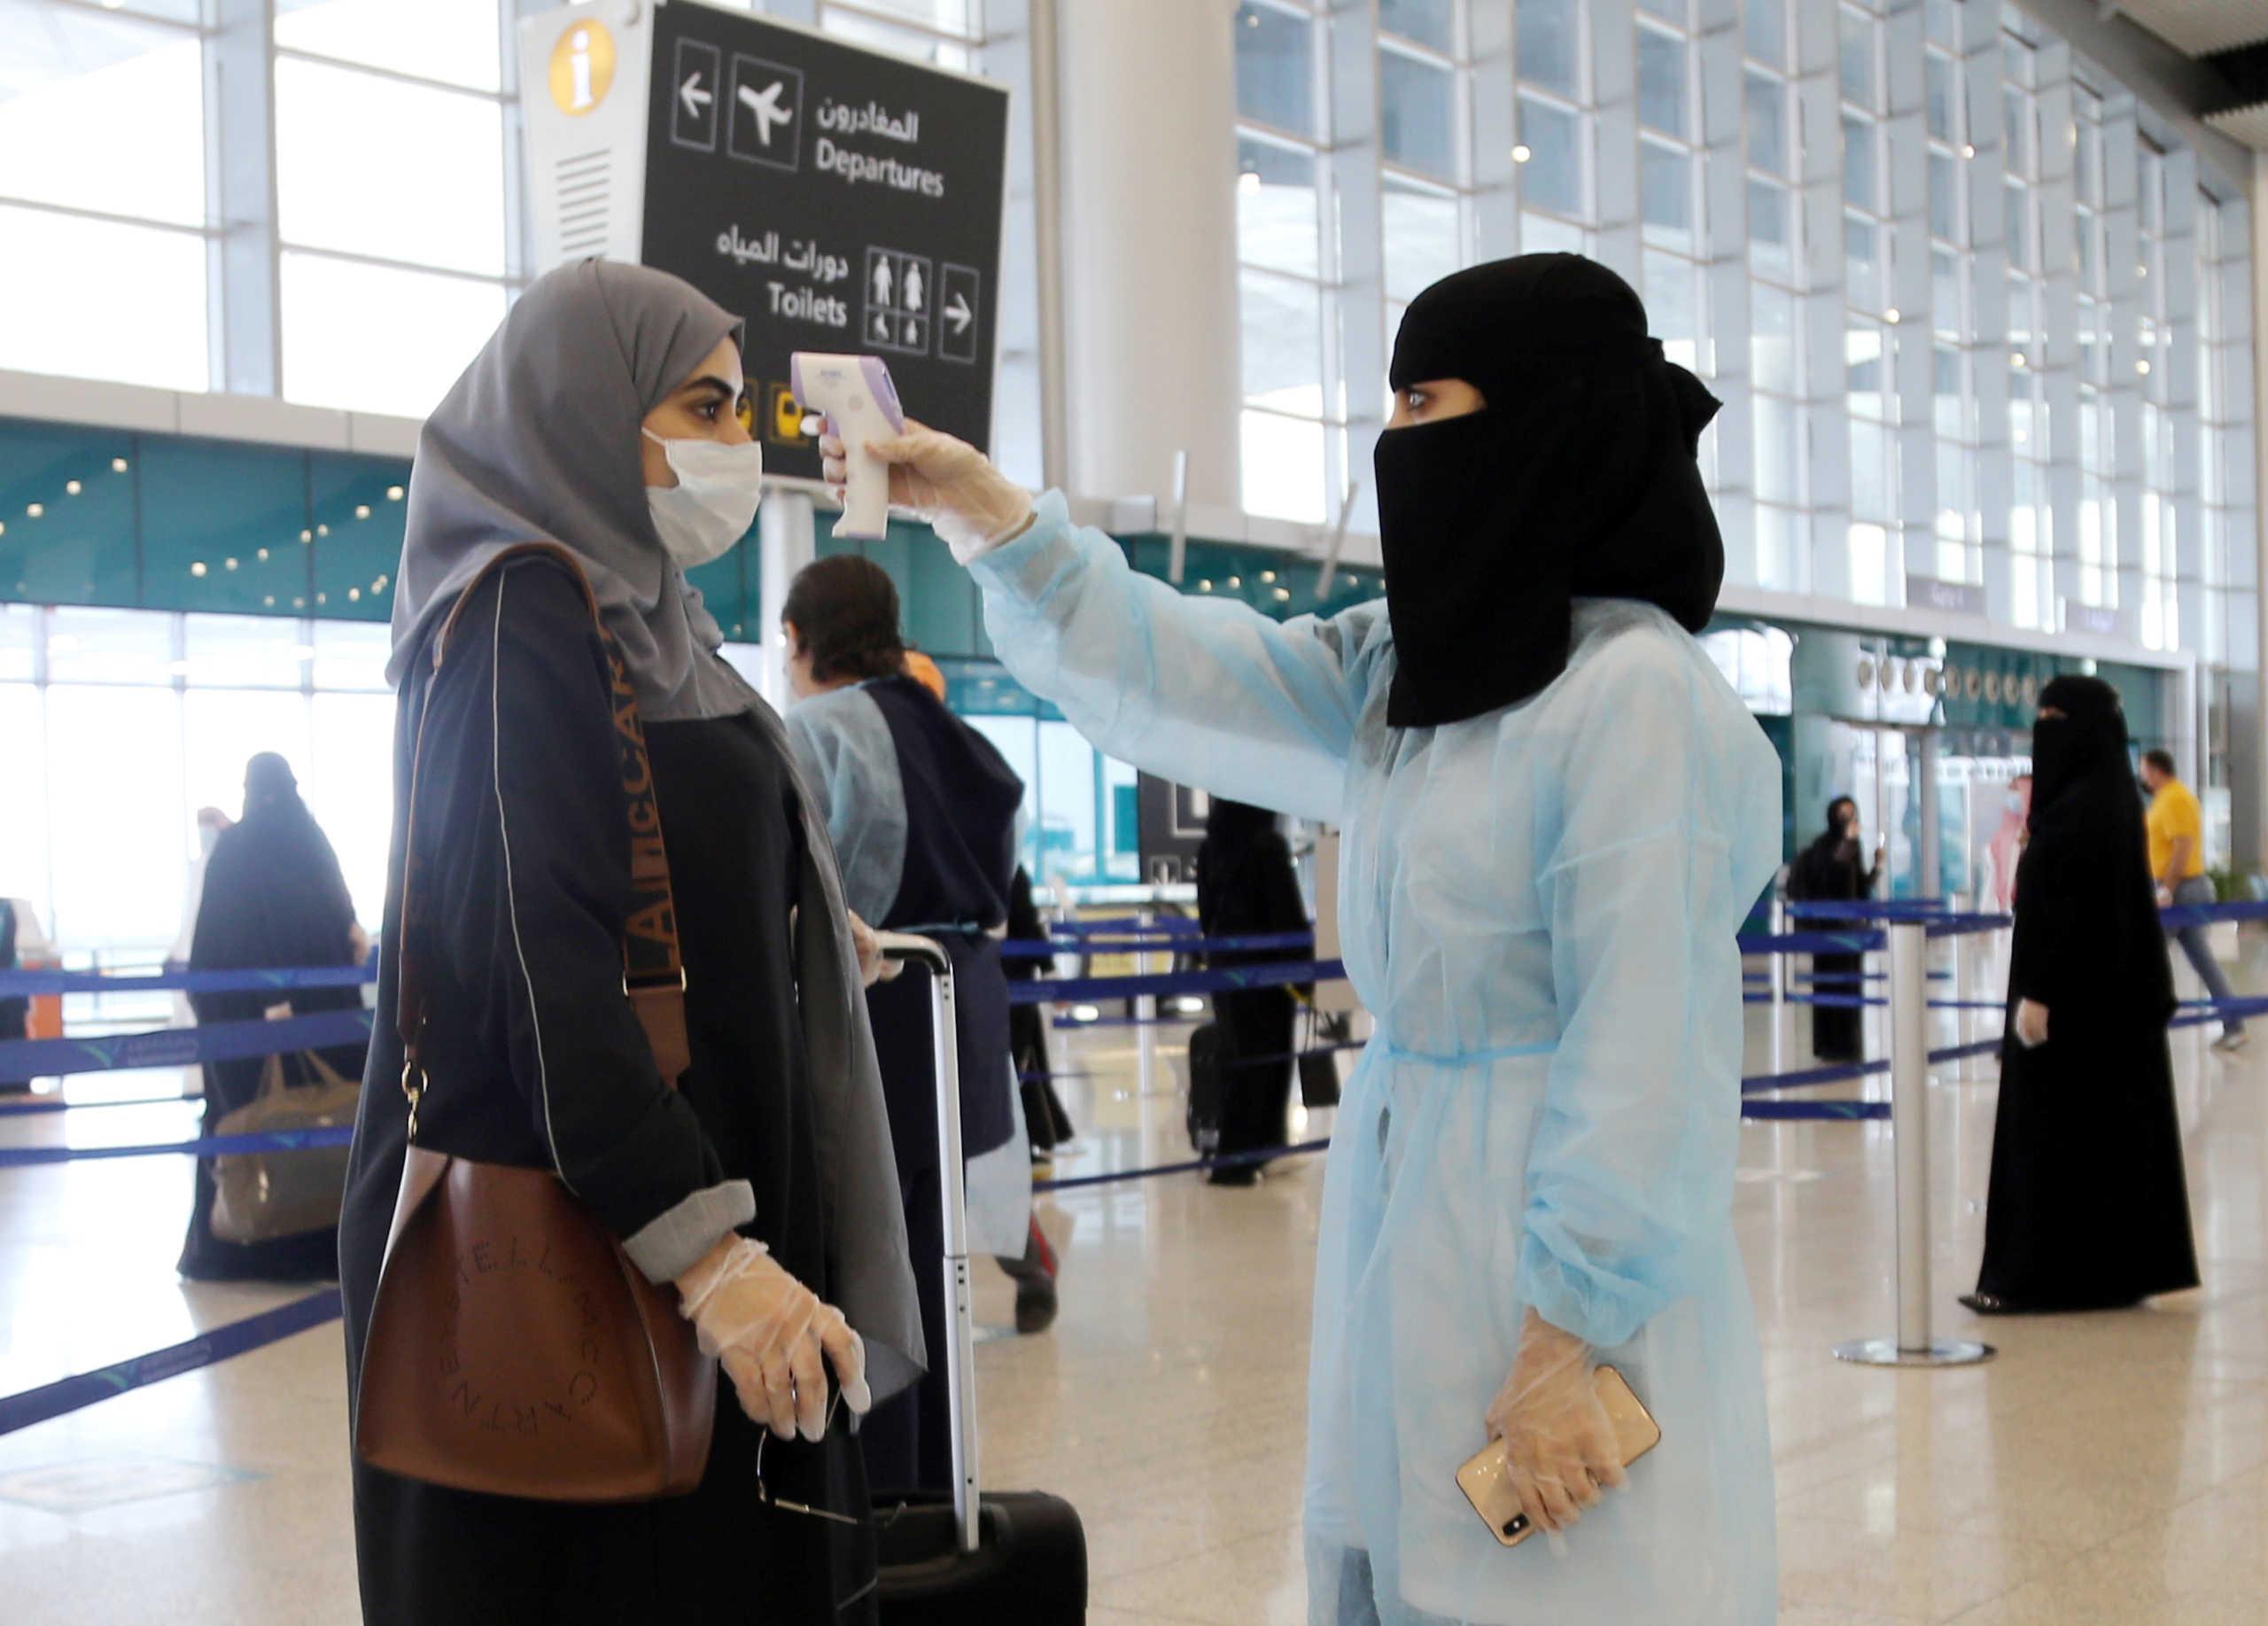 Σαουδική Αραβία: Αναστέλλει τις πτήσεις με τρεις χώρες, μεταξύ αυτών τα ΗΑΕ